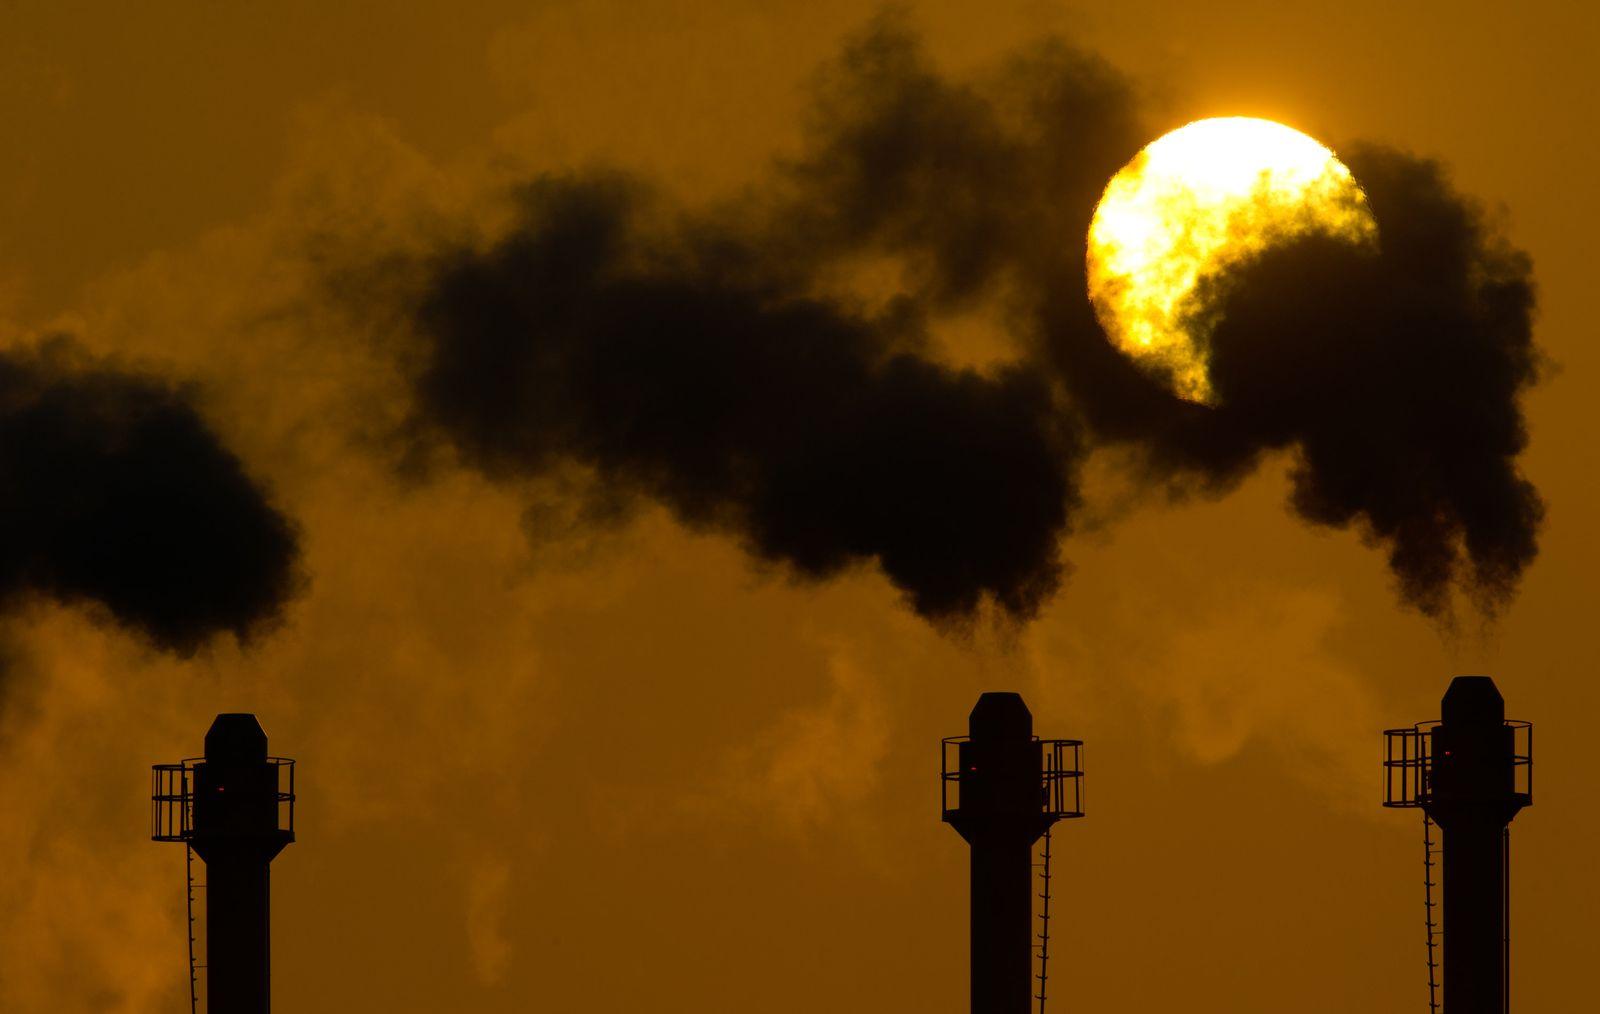 Rekord bei Treibhausgas-Konzentration